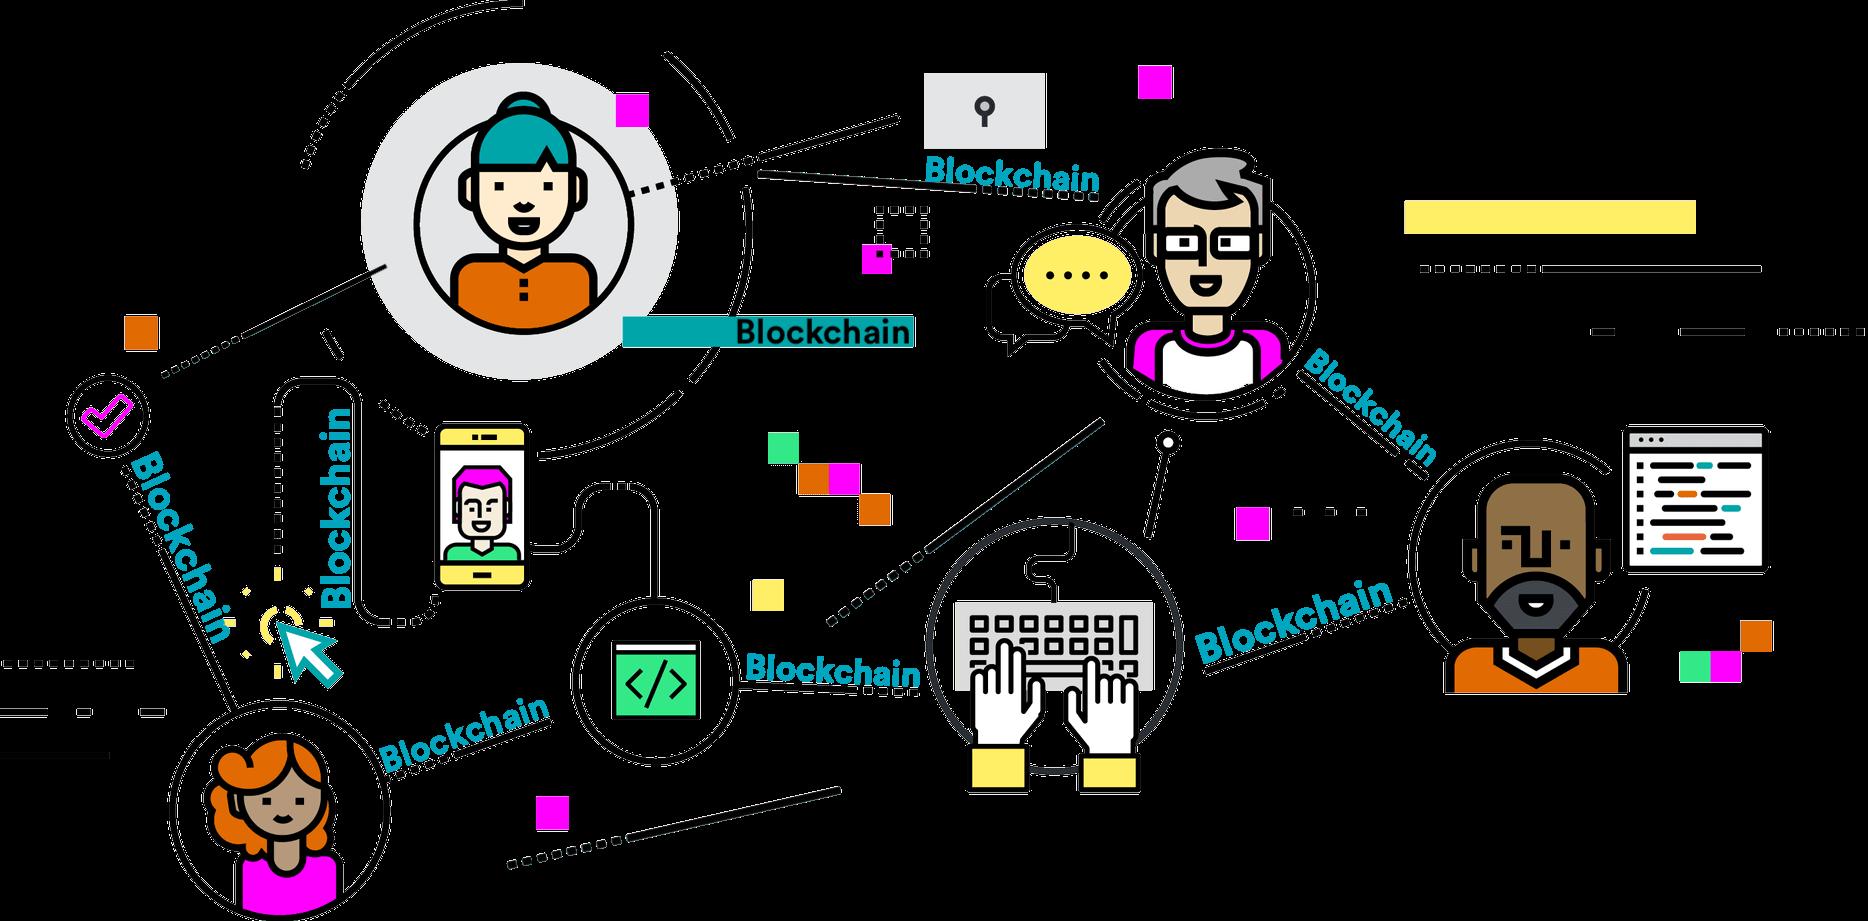 La realidad sobre Blockchain marketing, desde dentro y desde fuera